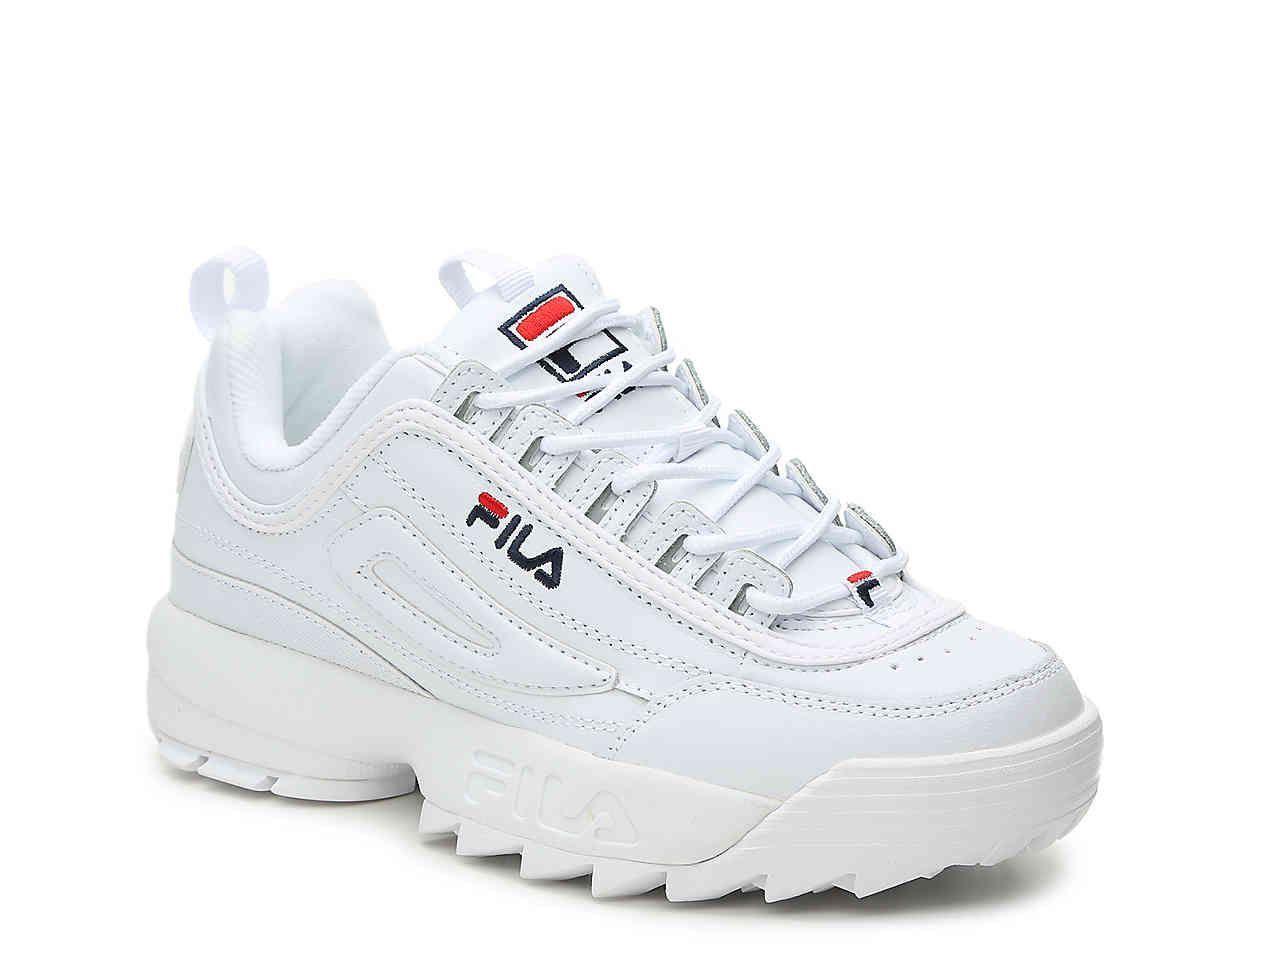 VSCO Girl-Favorite Sneaker Brand FILA